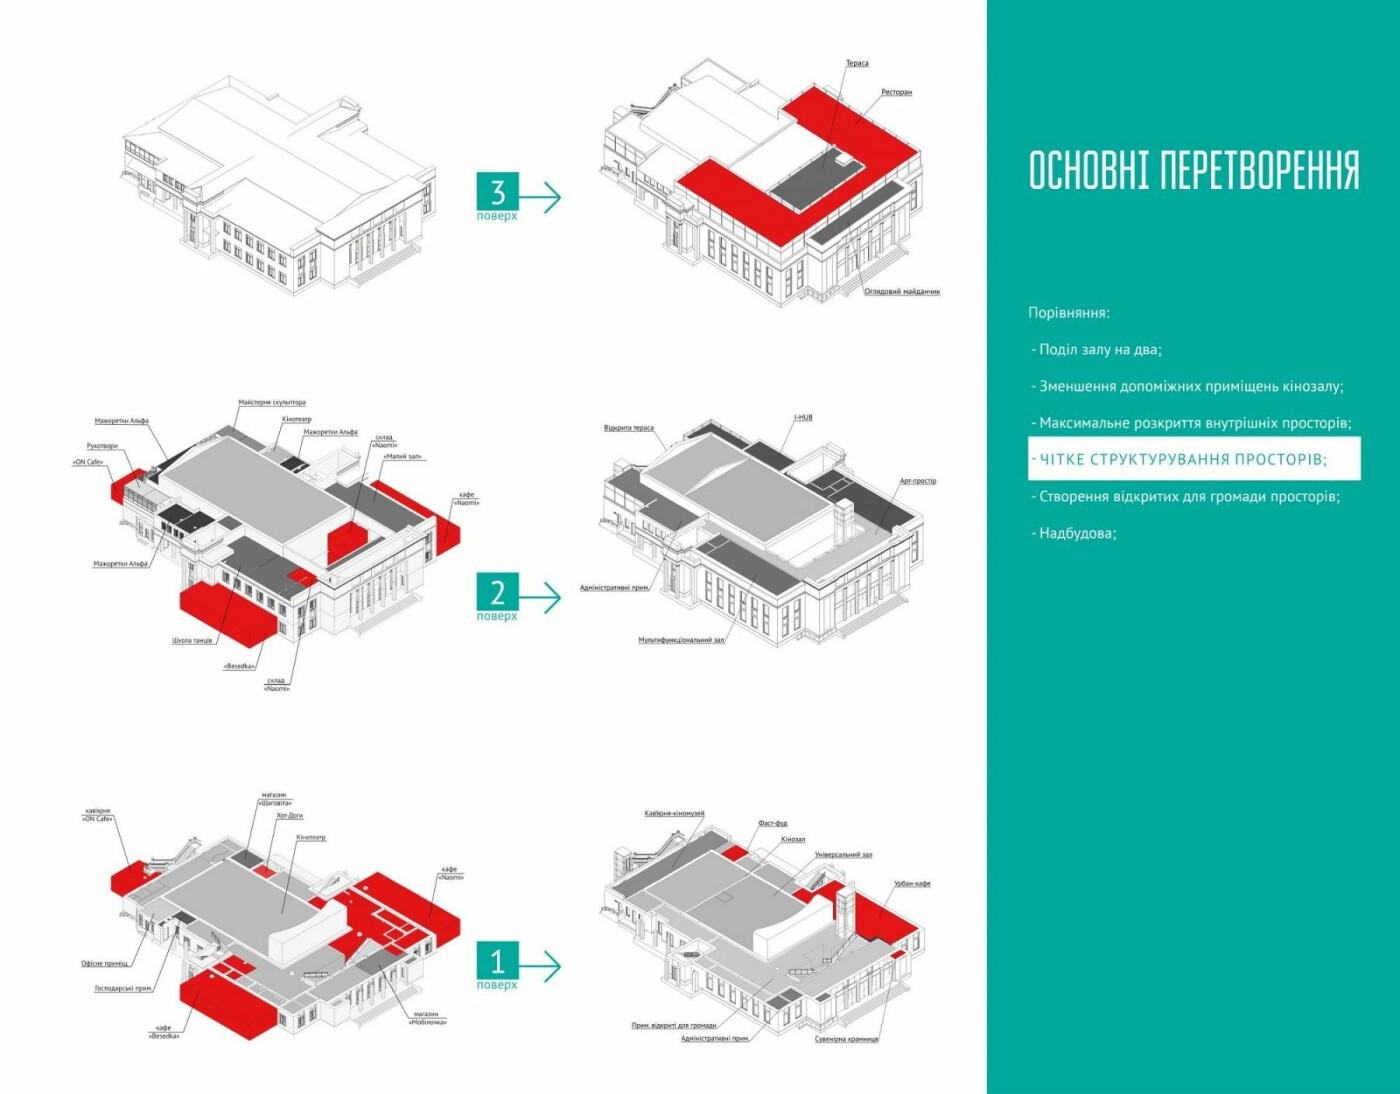 Концепція розвитку: яким буде кінотеатр Шевченка в майбутньому, фото-5